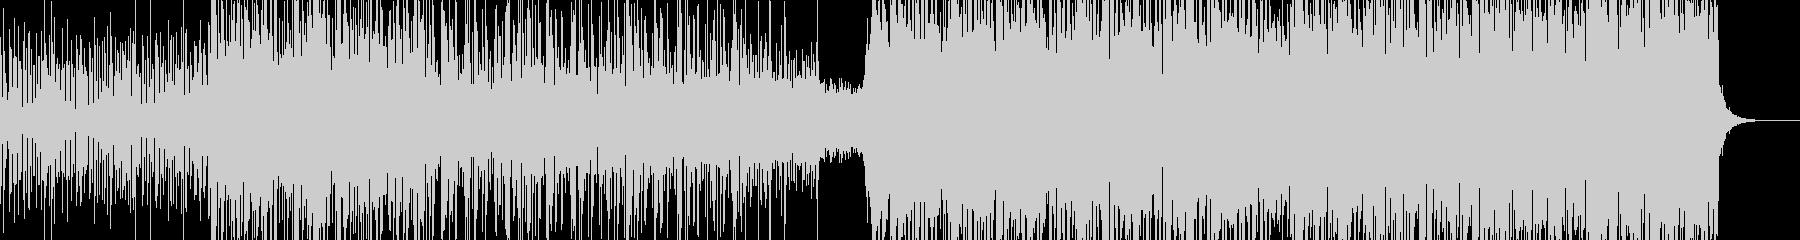 作戦会議の様な雰囲気のあるデジタル曲の未再生の波形